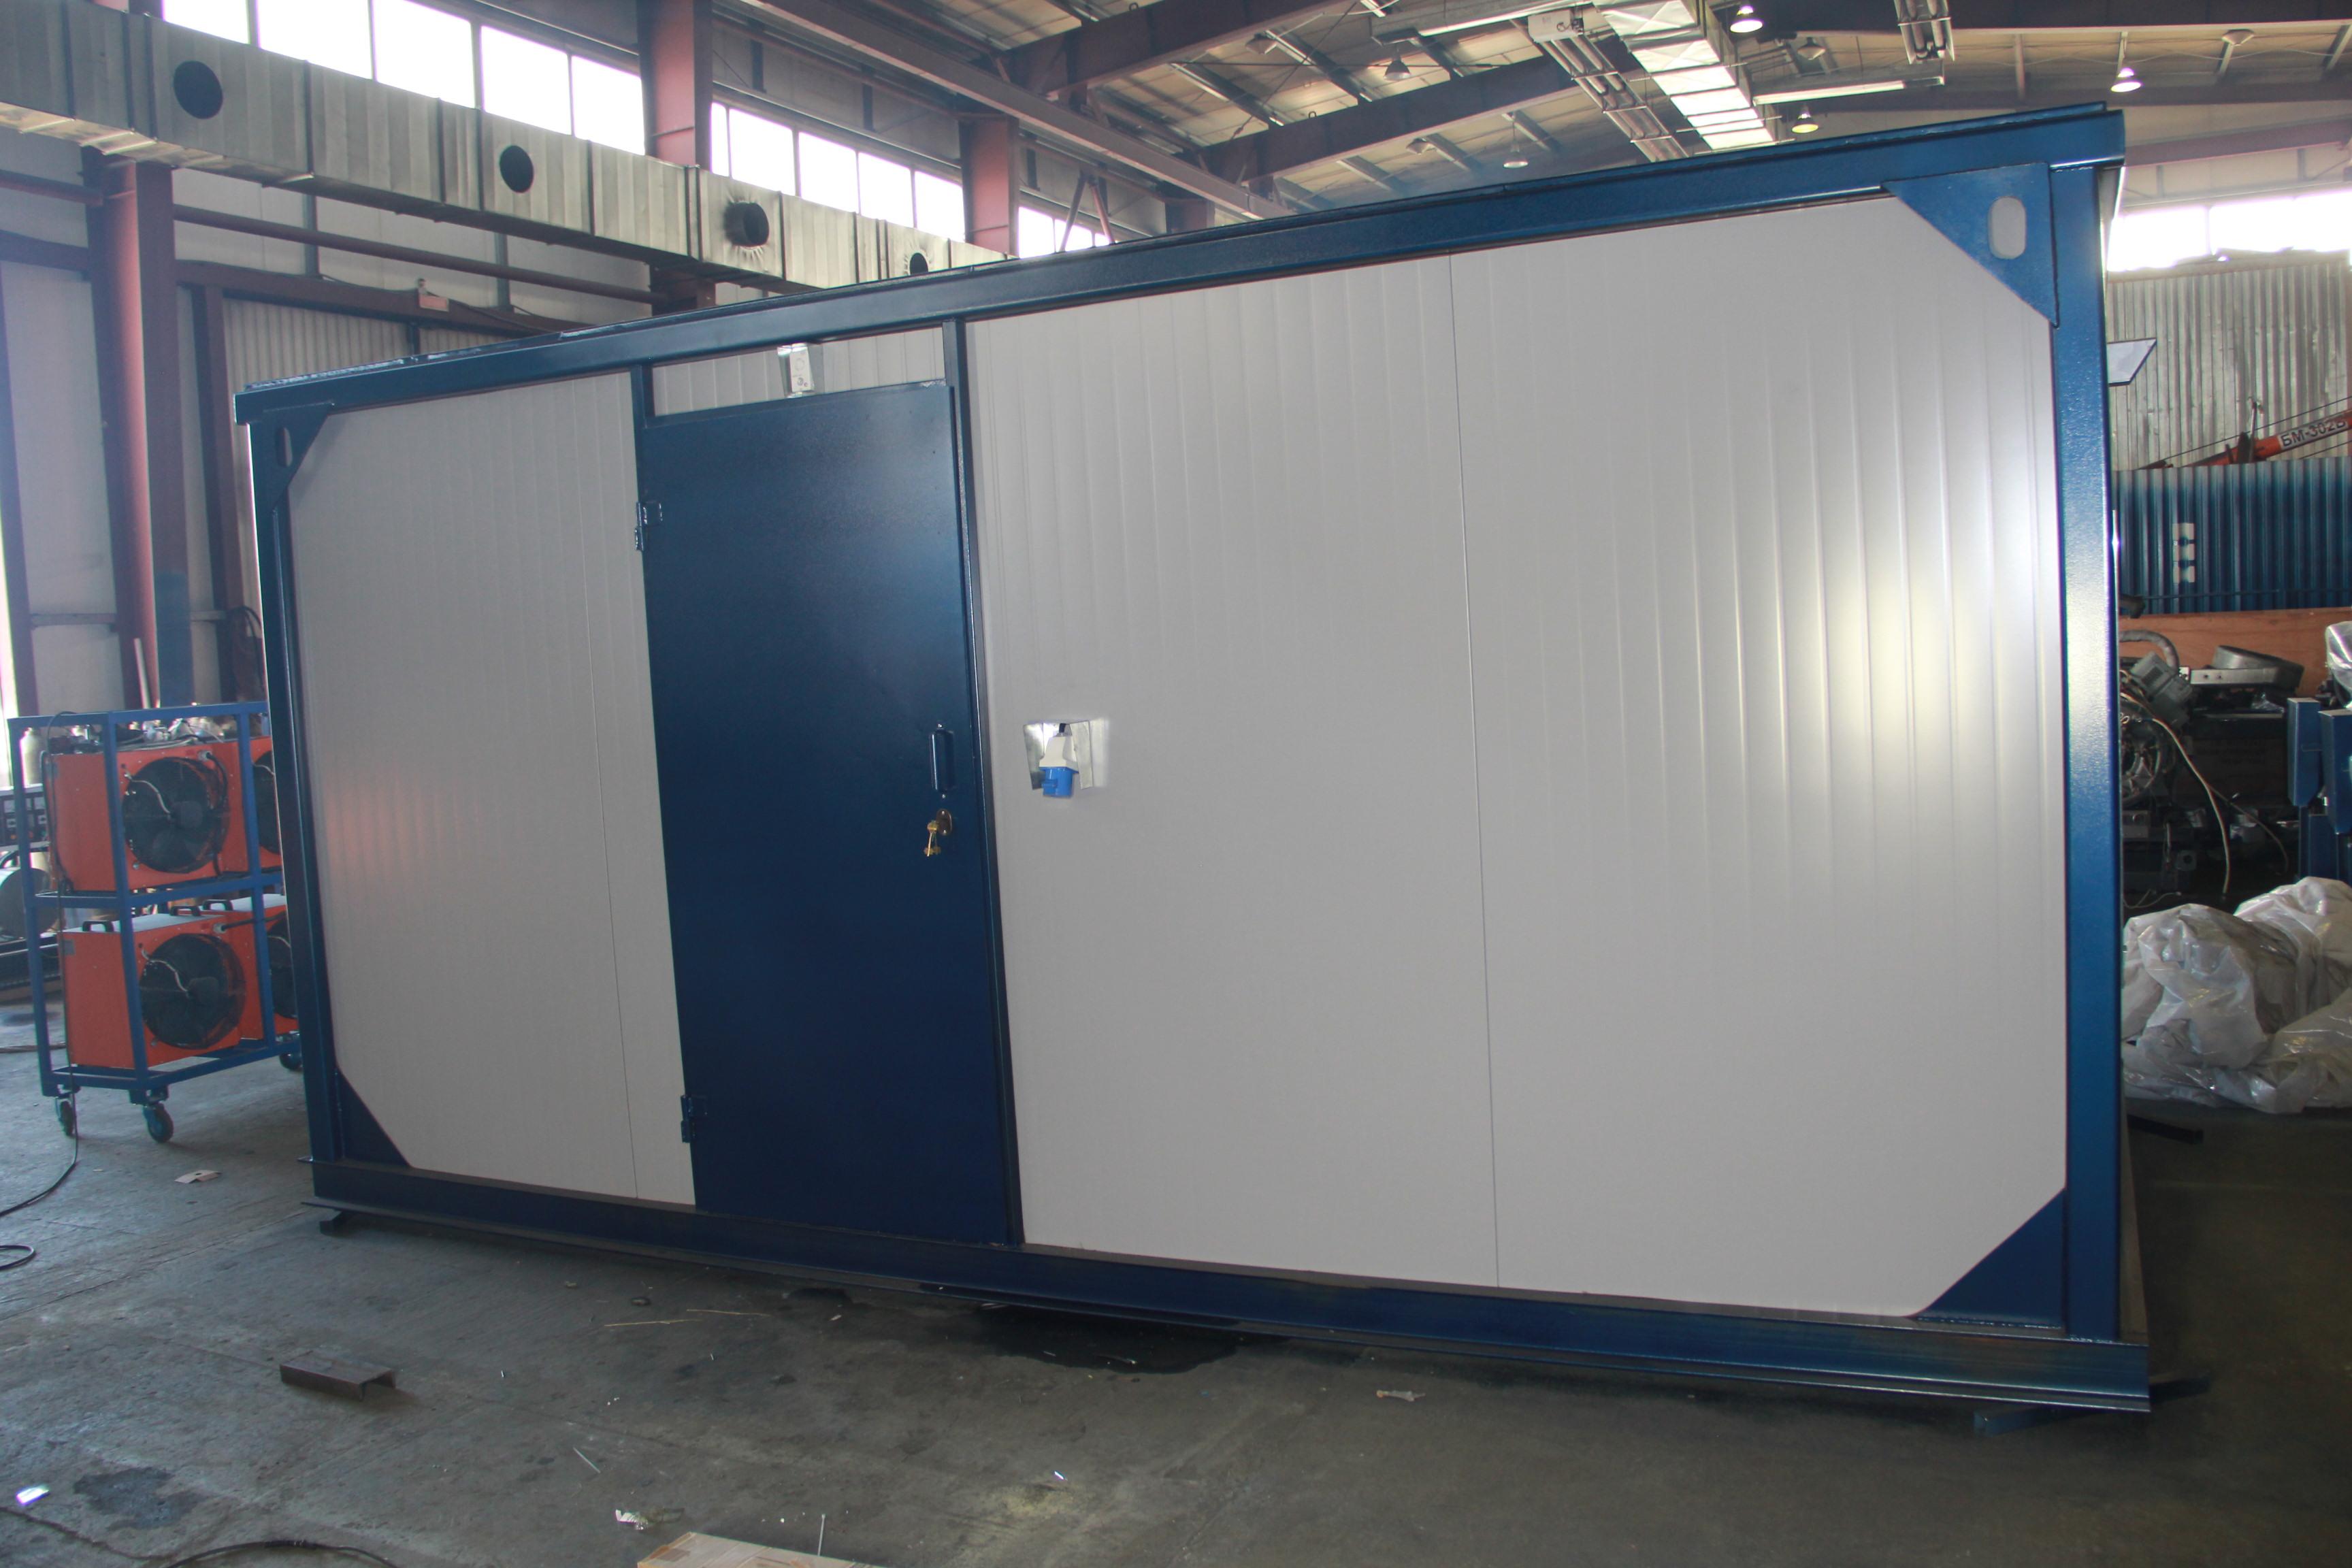 Внешний вид IVECO АД-280С-Т400-2РНИ с АВР в контейнере